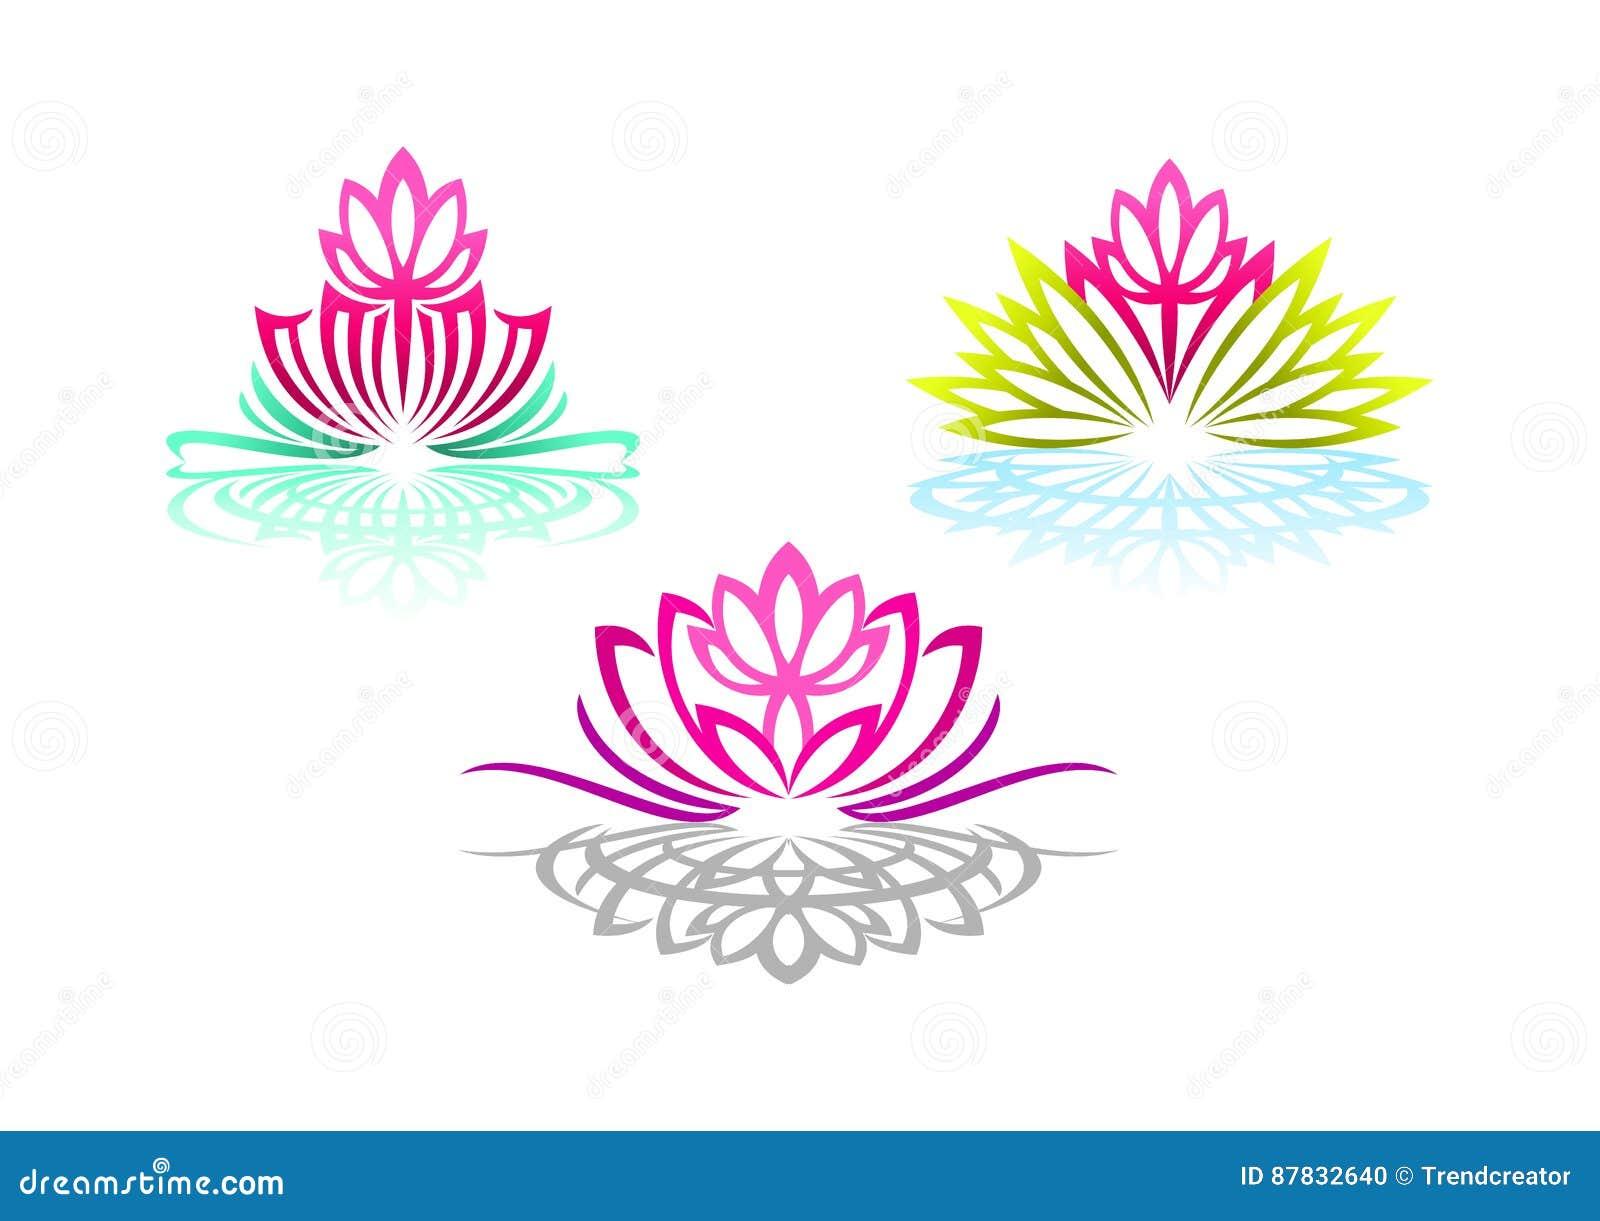 Το λογότυπο Lotus, γιόγκα γυναικών, μασάζ λουλουδιών ομορφιάς, όμορφη αίσθηση SPA, wellness αντανάκλασης, και φυσικός χαλαρώνει τ